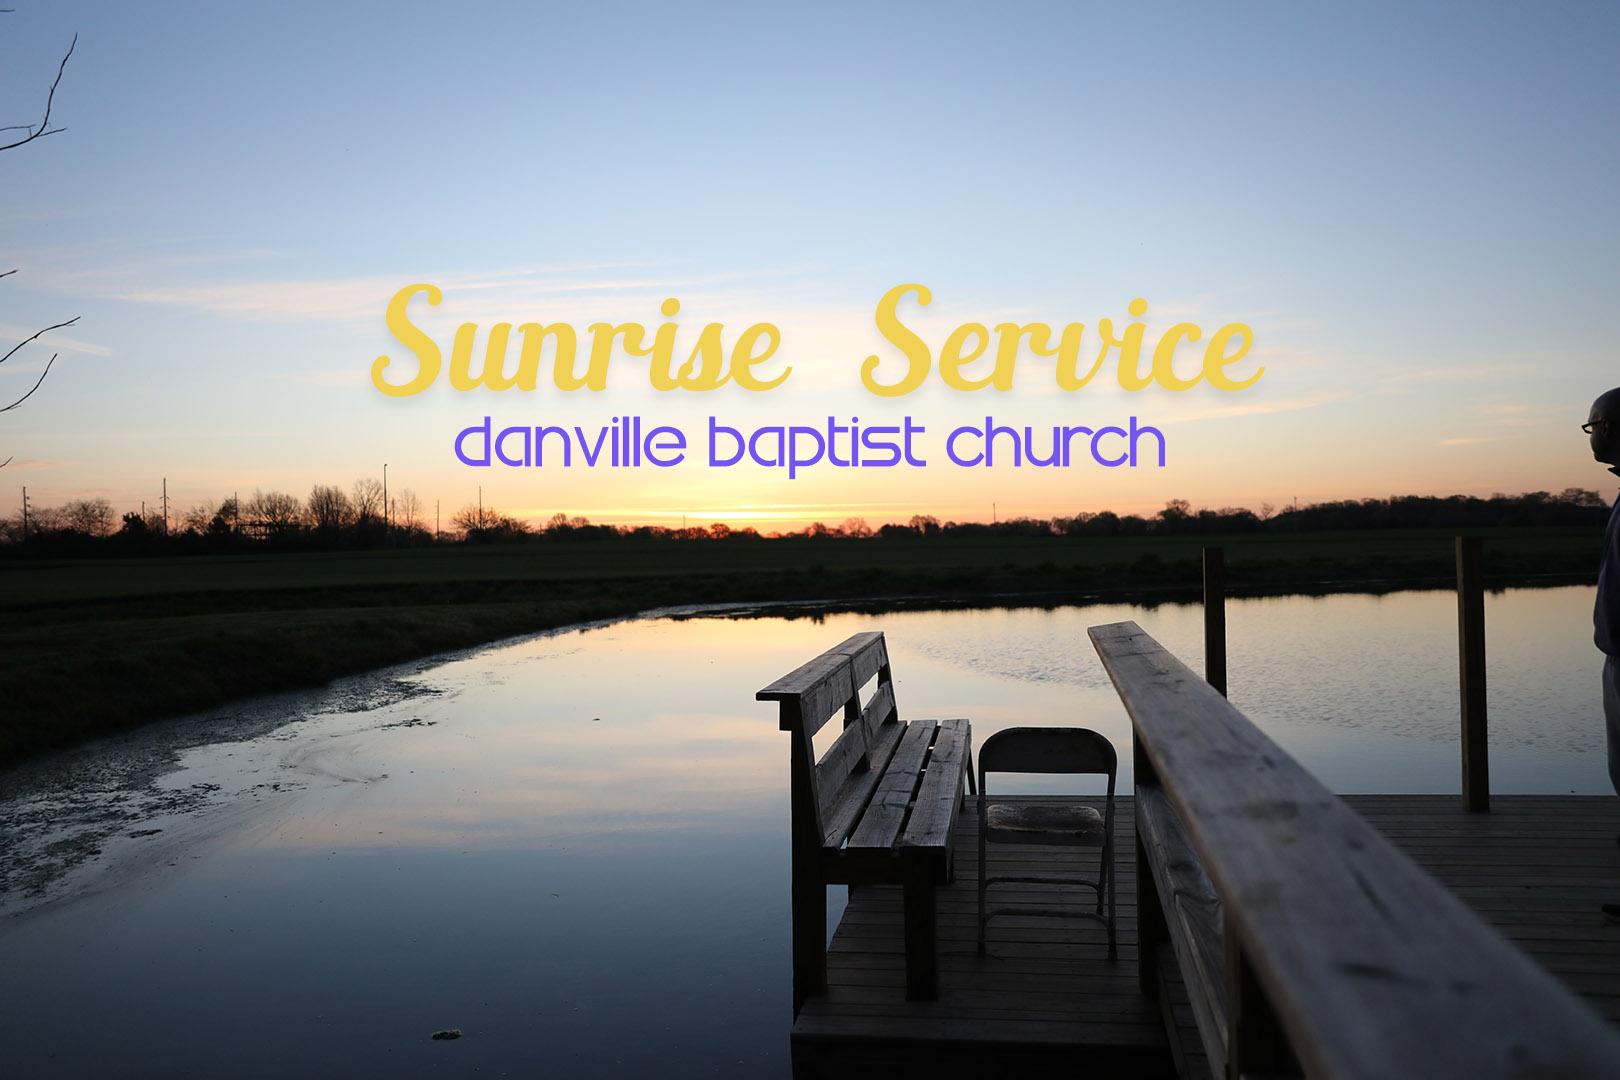 sunrise service danville baptist